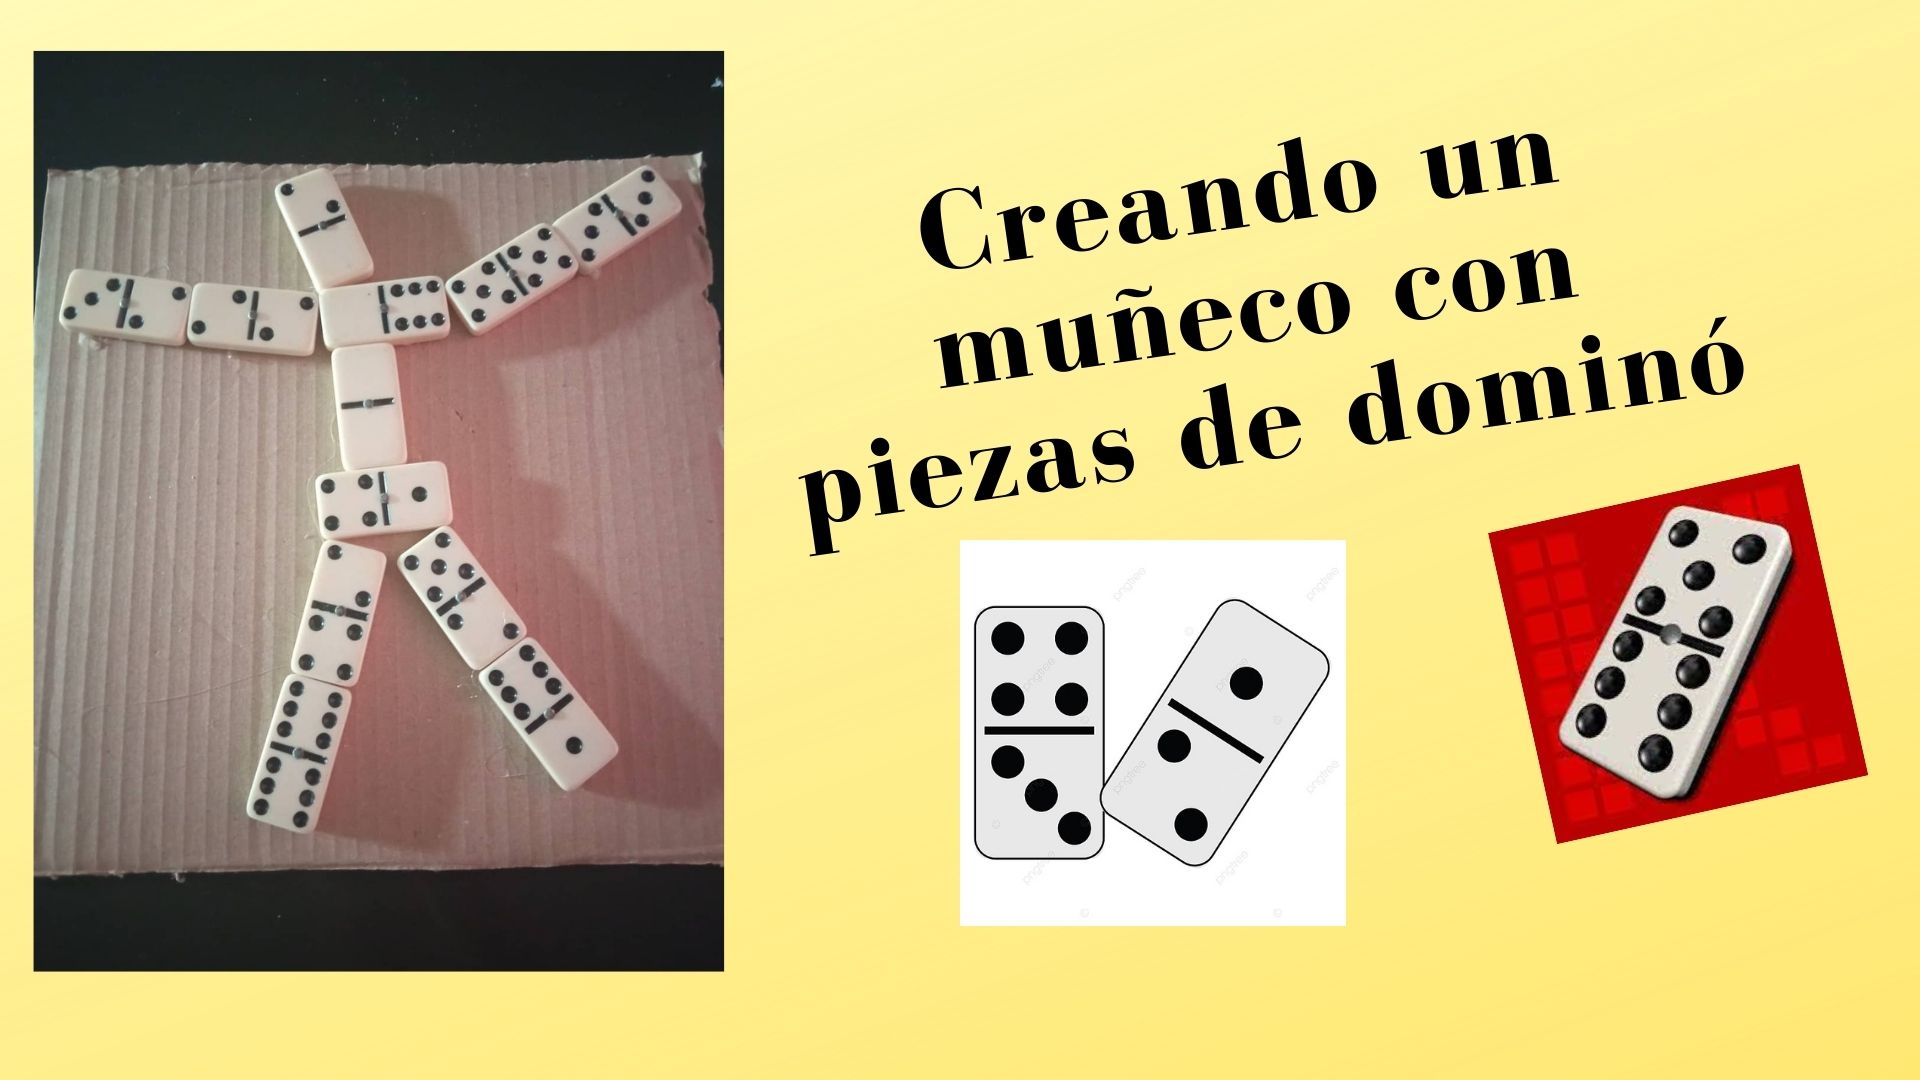 Creando un muñeco con piezas de dominó.jpg